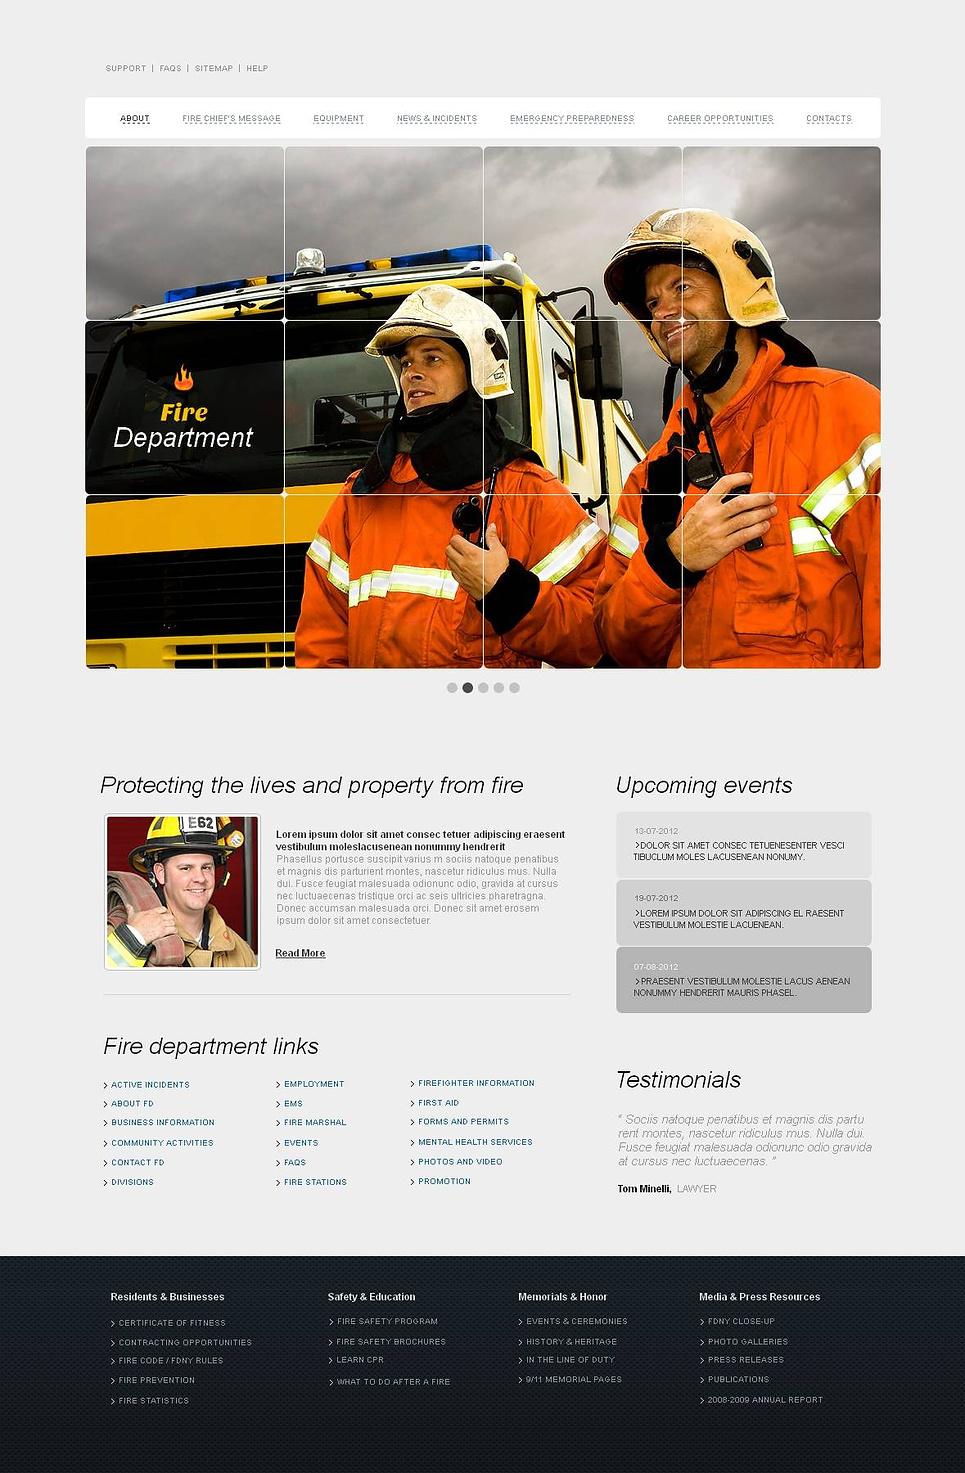 MotoCMS HTML Szablon #44616 z kategorii Biezpieczeństwo - image